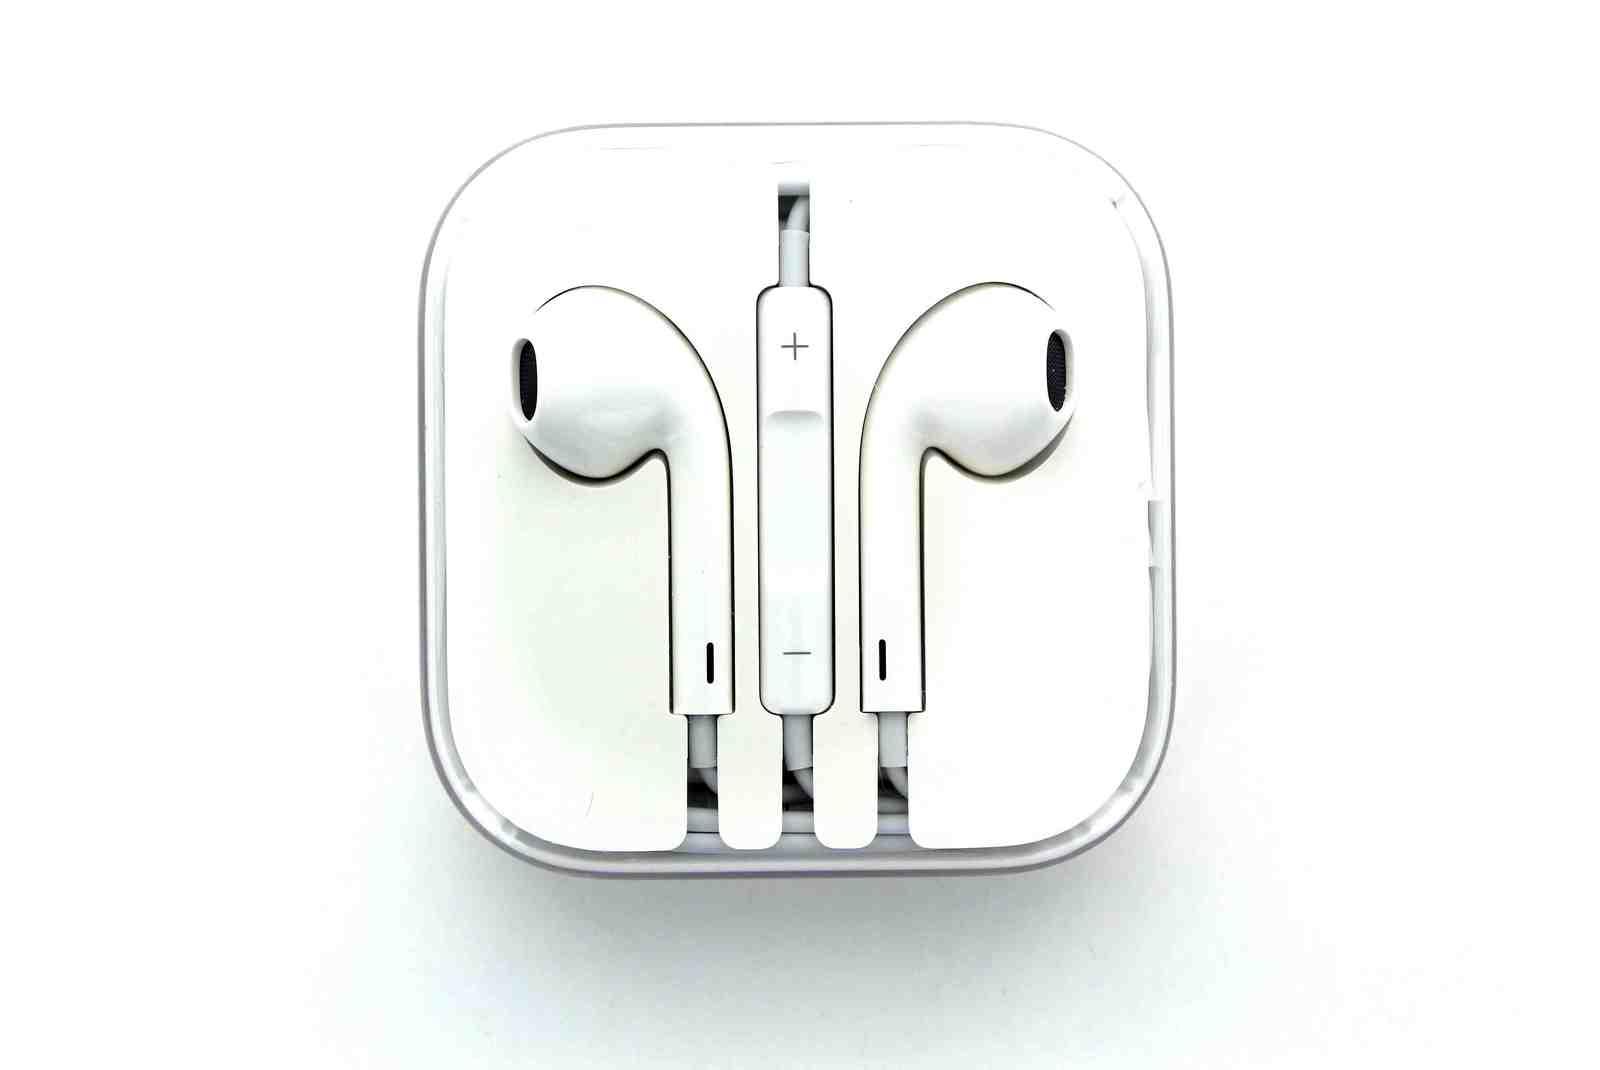 New Genuine Apple iPhone 5/5S EarPods, Earbuds, Earphones ...